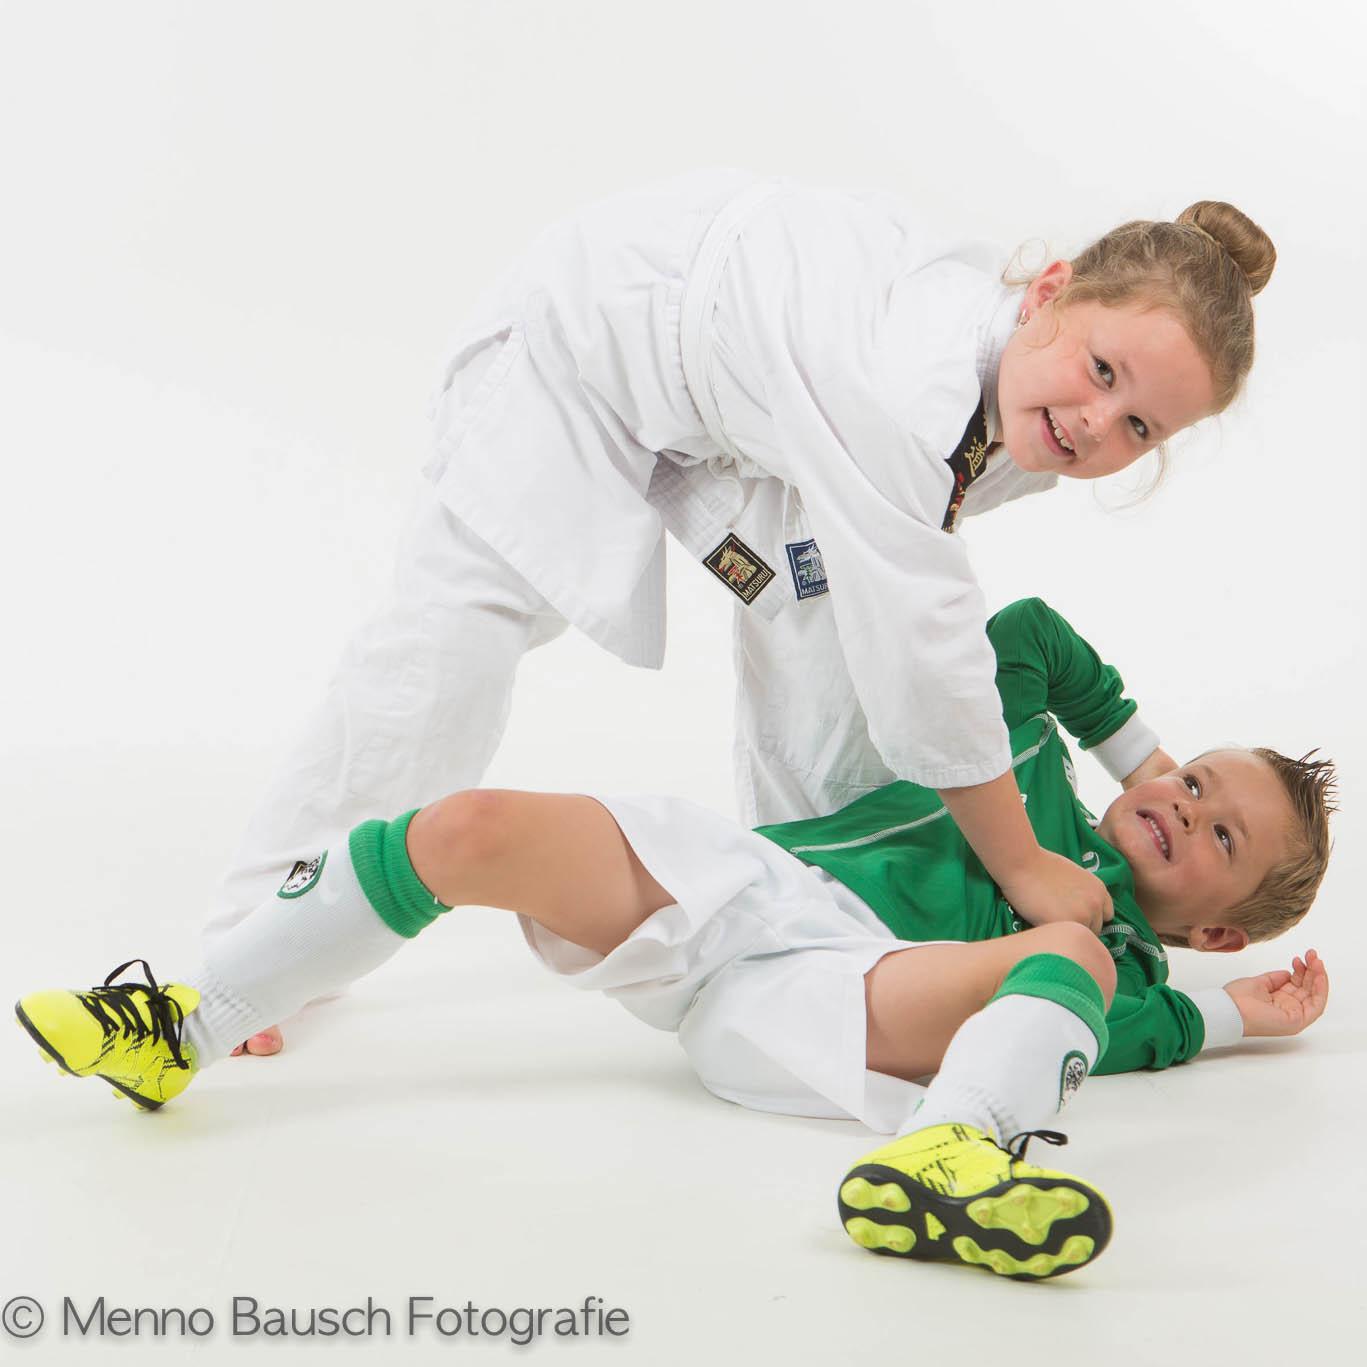 Menno Bausch Fotografie86